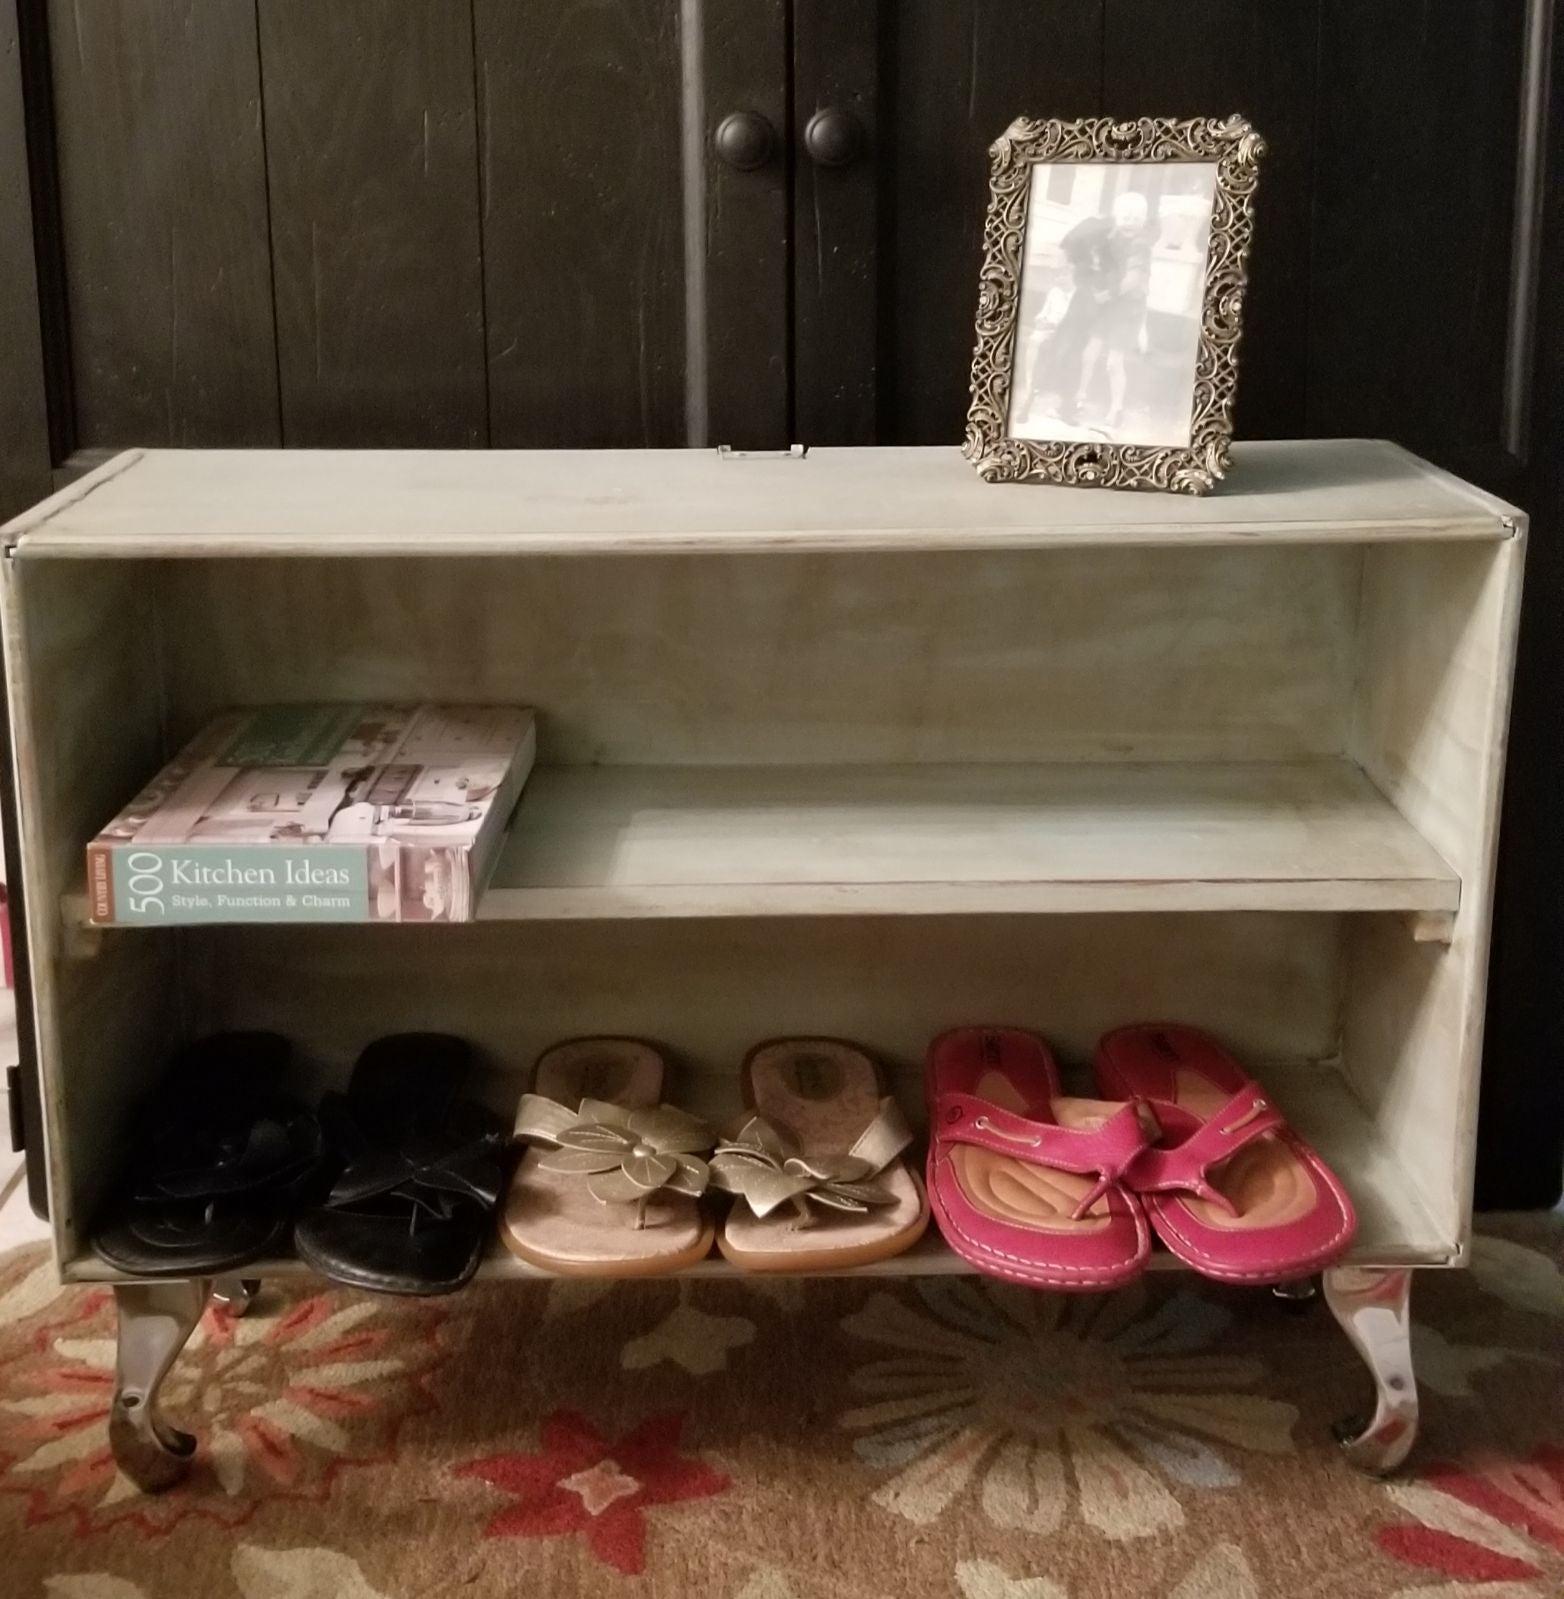 Upcycled Industrial Shelf w/ Shiny Legs